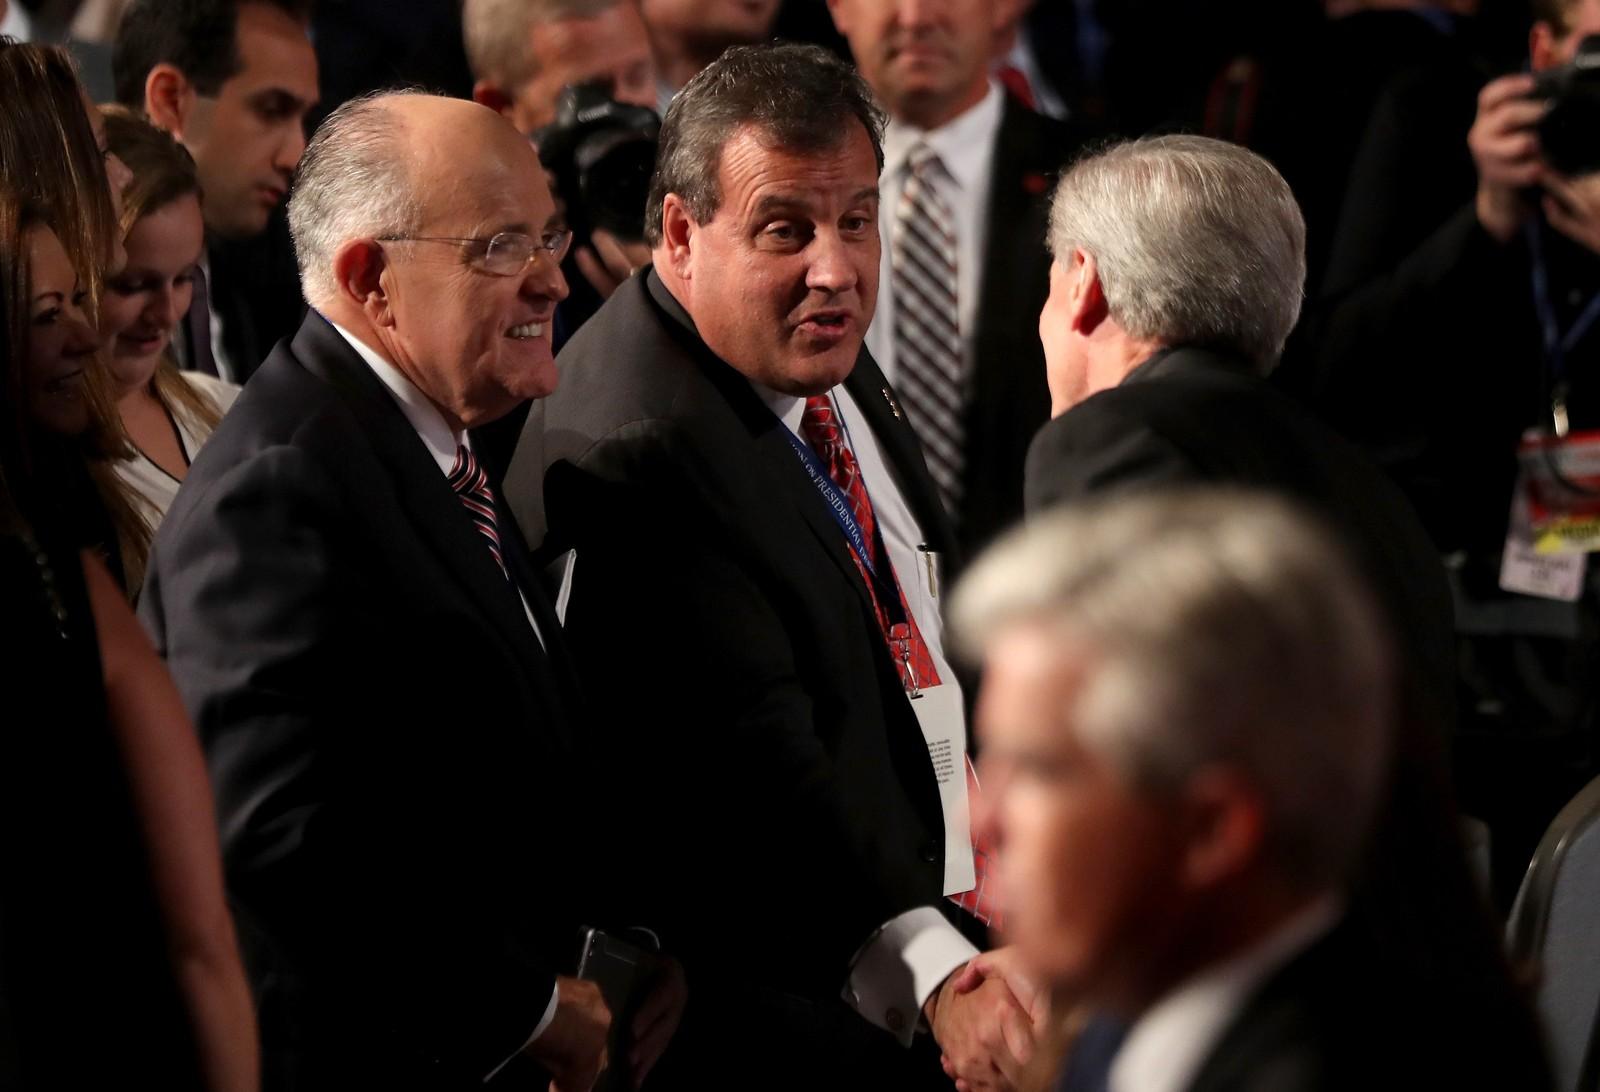 Tidligere New York-ordfører Rudy Giuliani (t.v.) og New Jersey-guvernør Chris Christie er begge Trump-støttespillere.